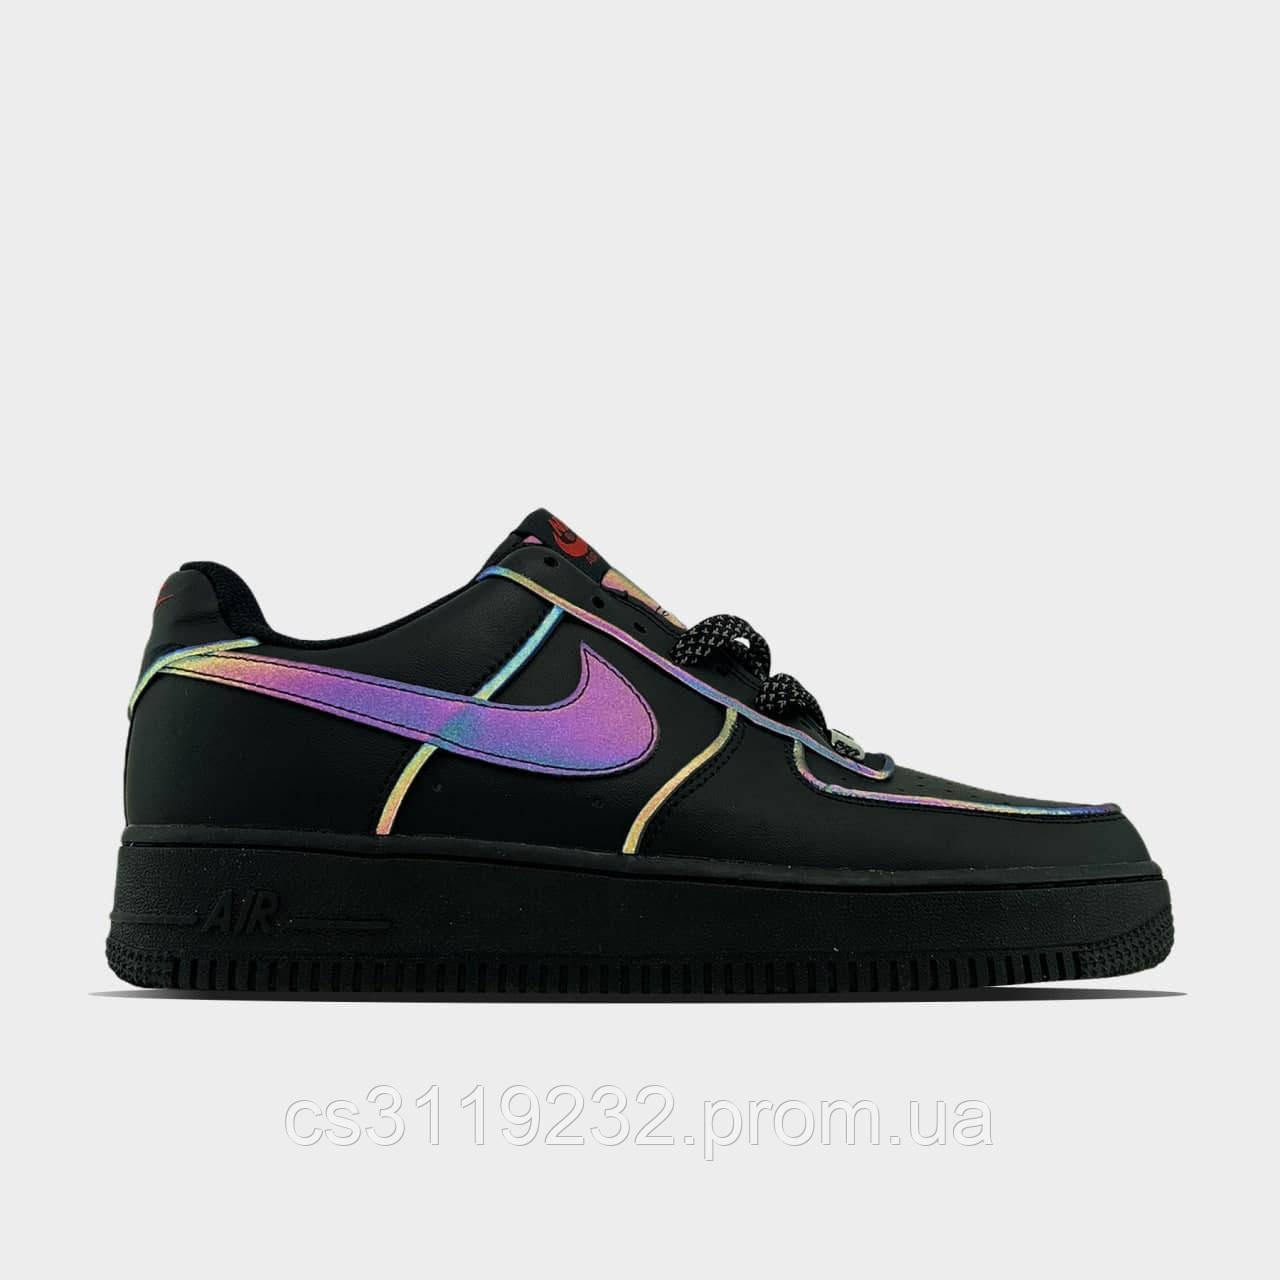 Женские кроссовки Nike Air Force Low Black refkective (черные)